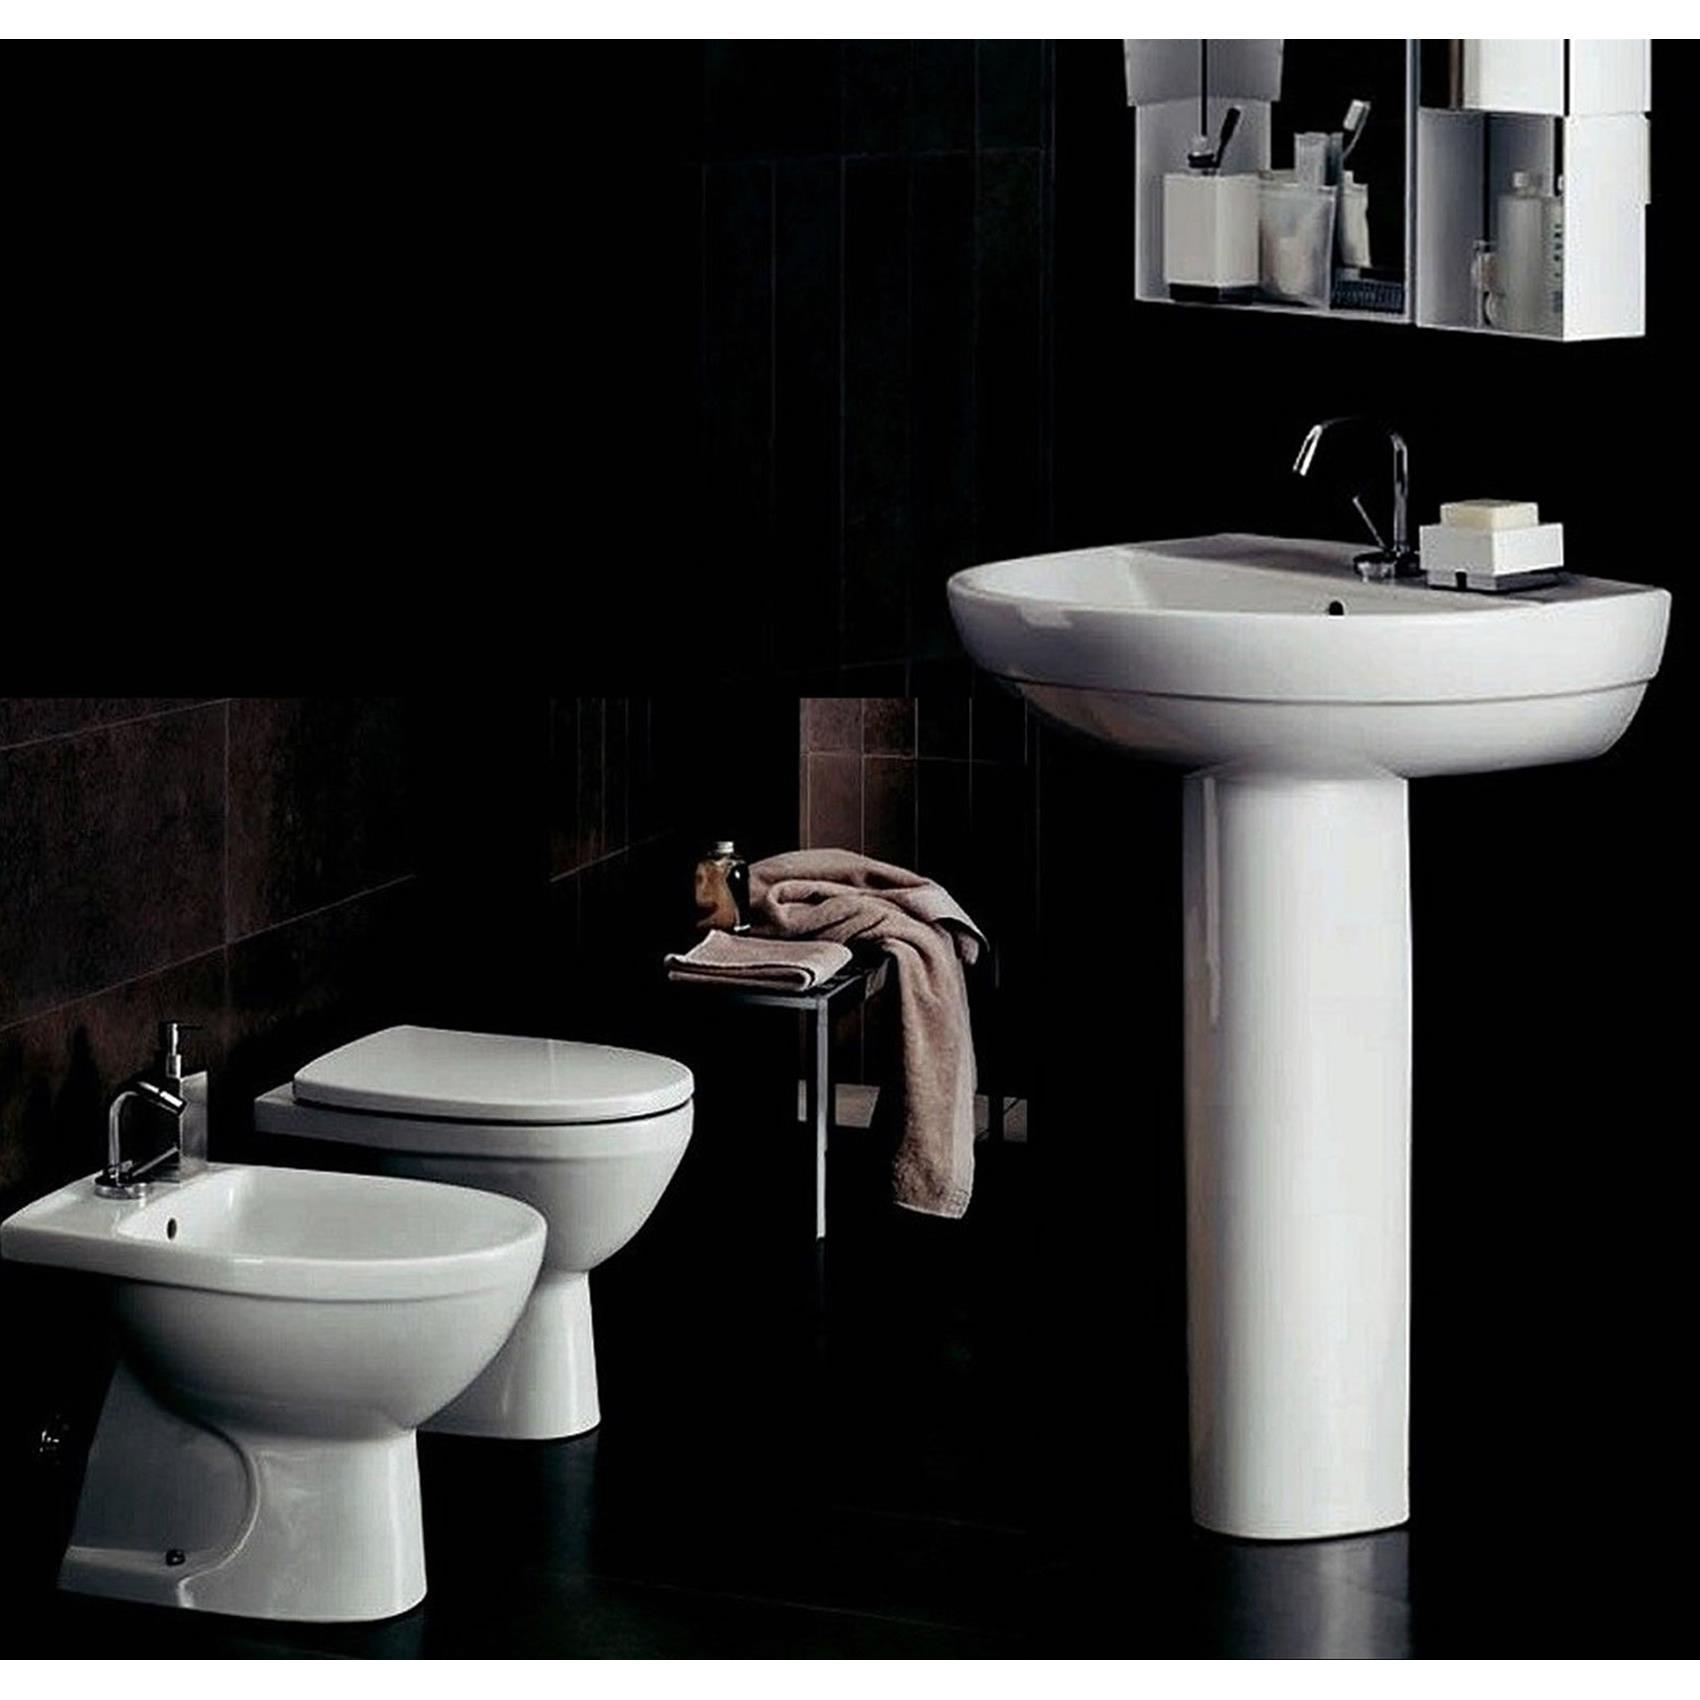 Sanitari da bagno a terra selnova 3 pozzi ginori lavabo - Produttori sanitari da bagno ...